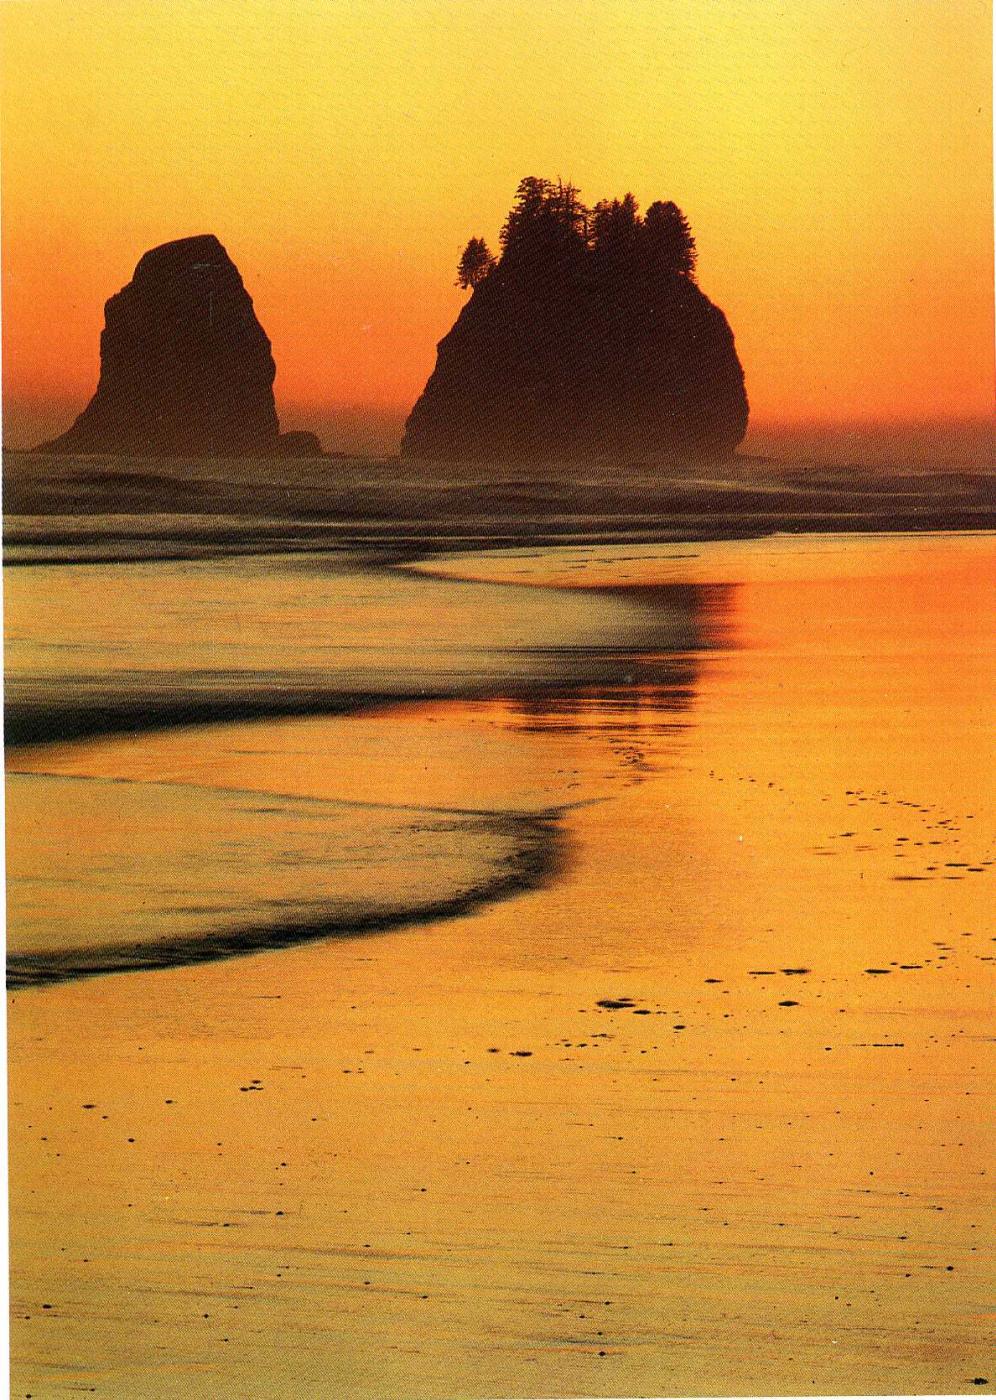 David Munich. Sunset on the sea